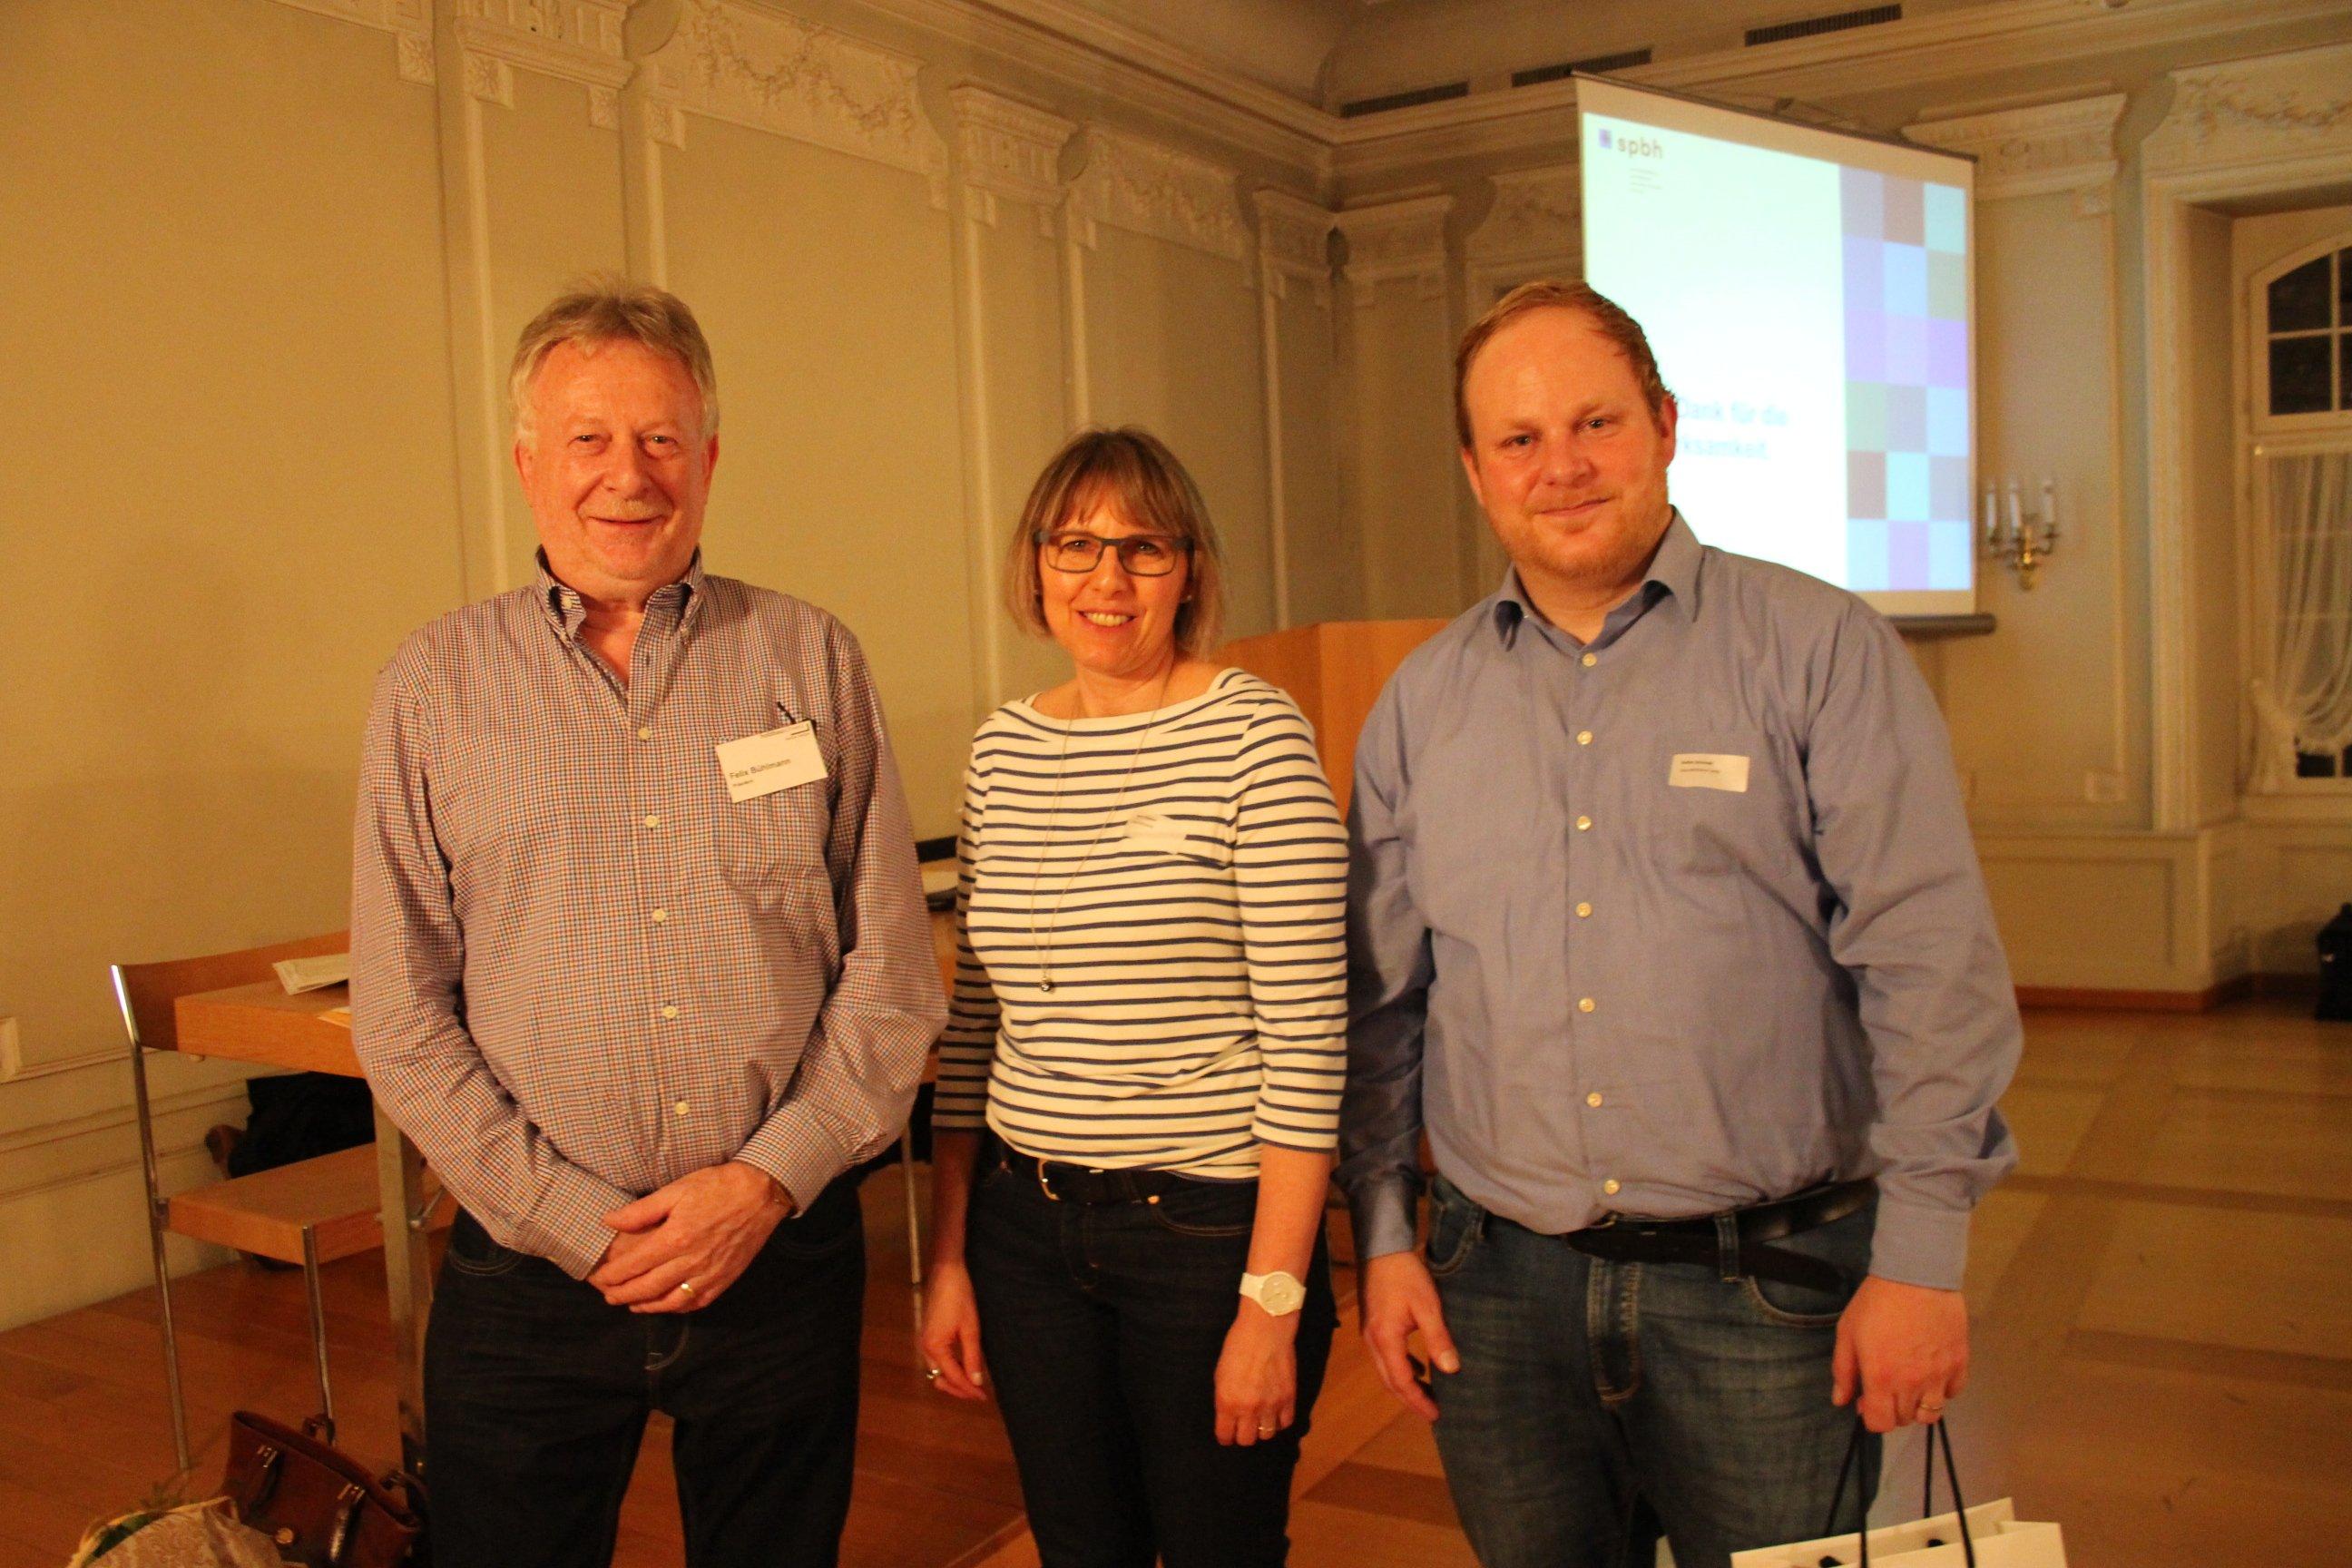 Felix Bühlmann (Präsident), Doris Elsasser (Sekretariat) und Stefan Strausak (v.l.n.r.)